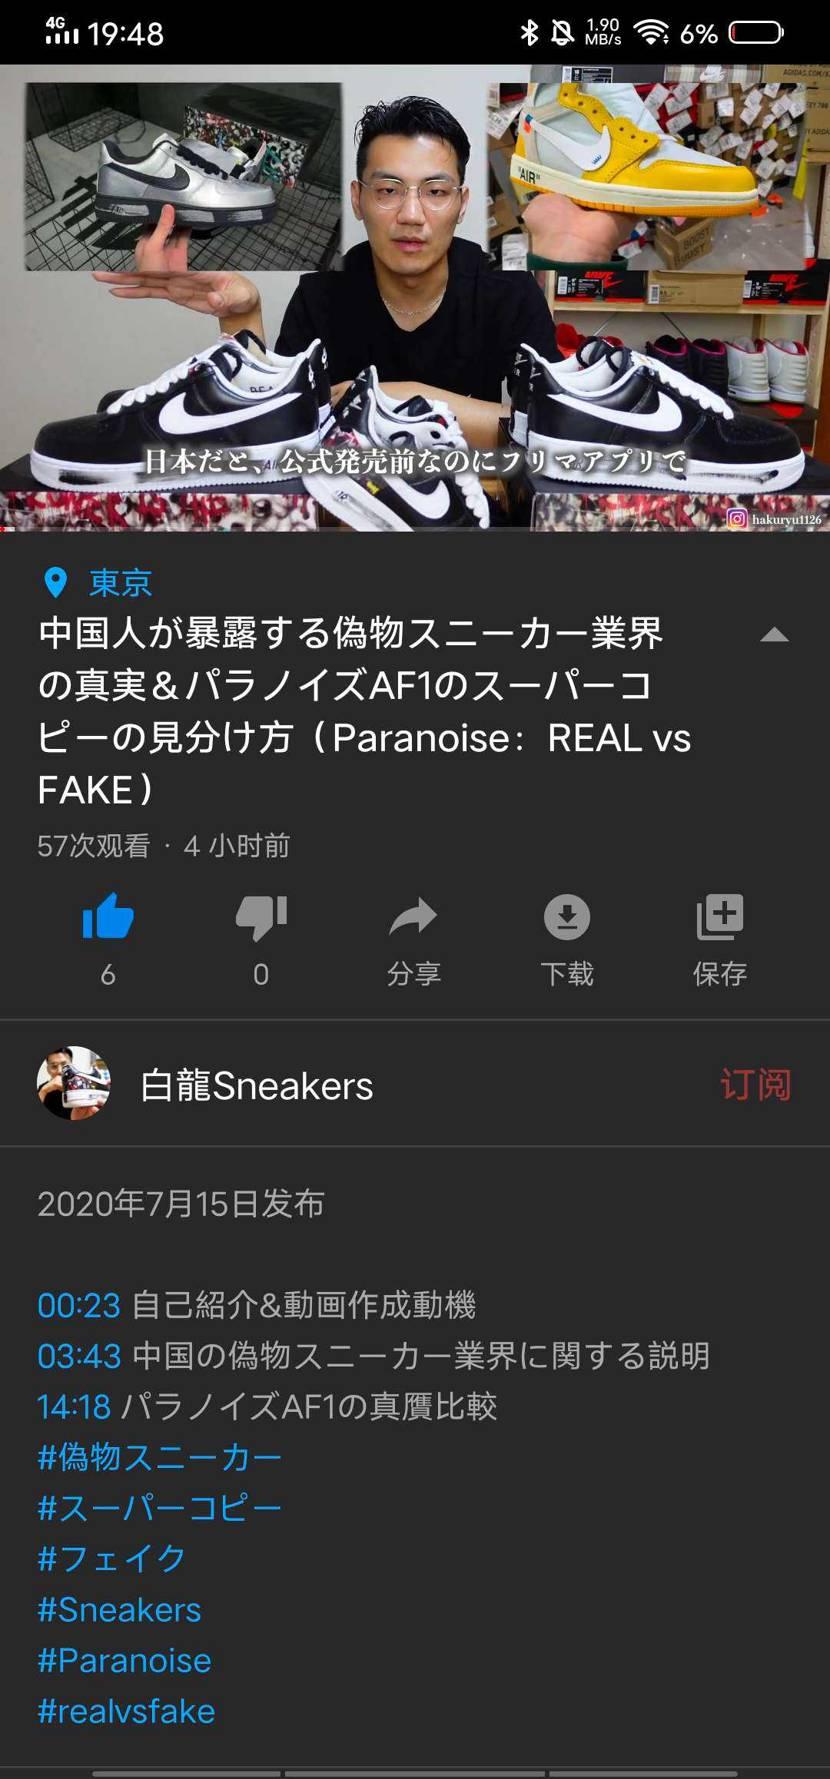 スーパーコピーの見分け方!!! https://youtu.be/VmQfIue